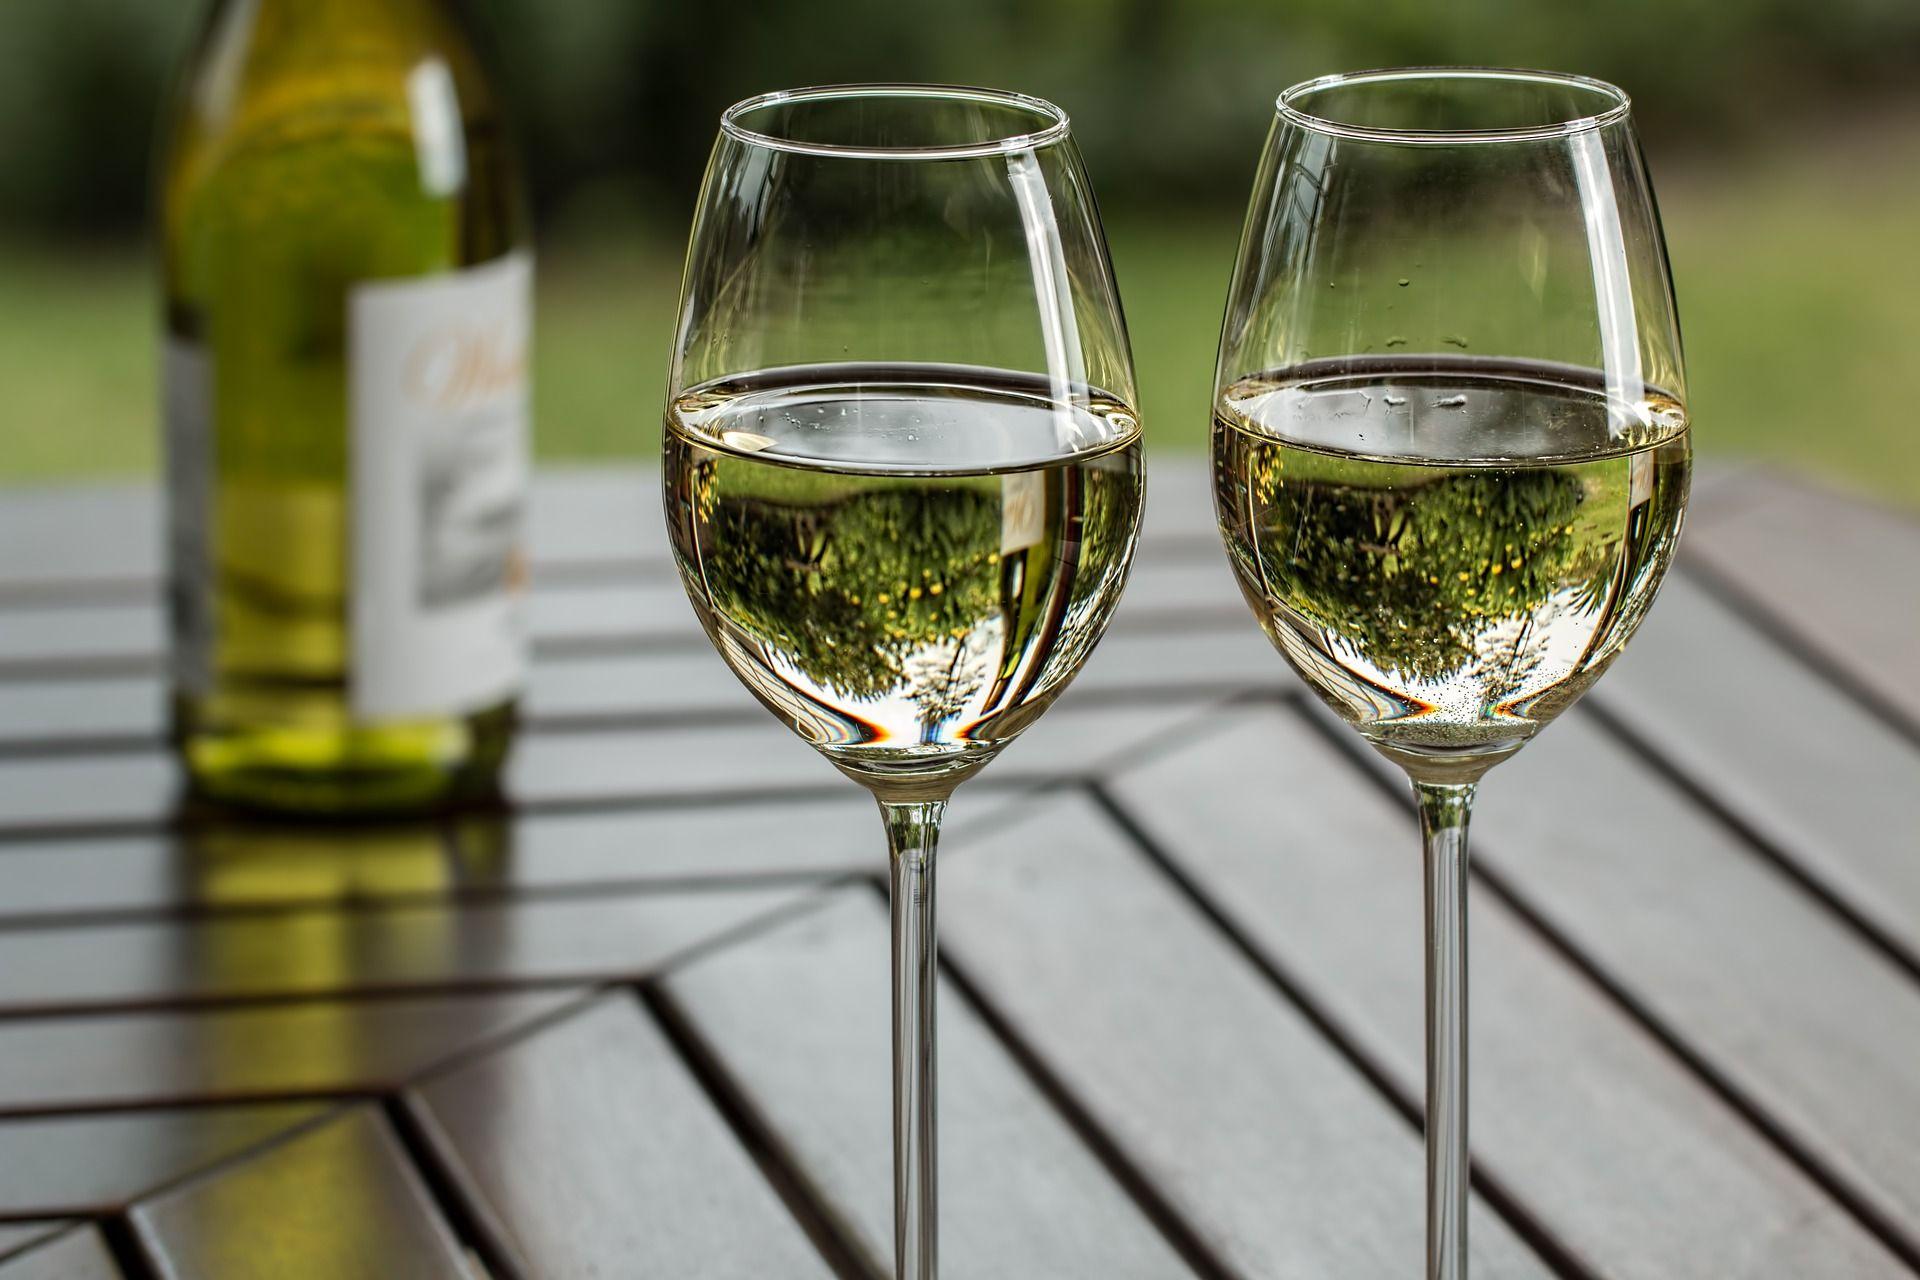 Cómo conservar el vino en casa una vez abierto